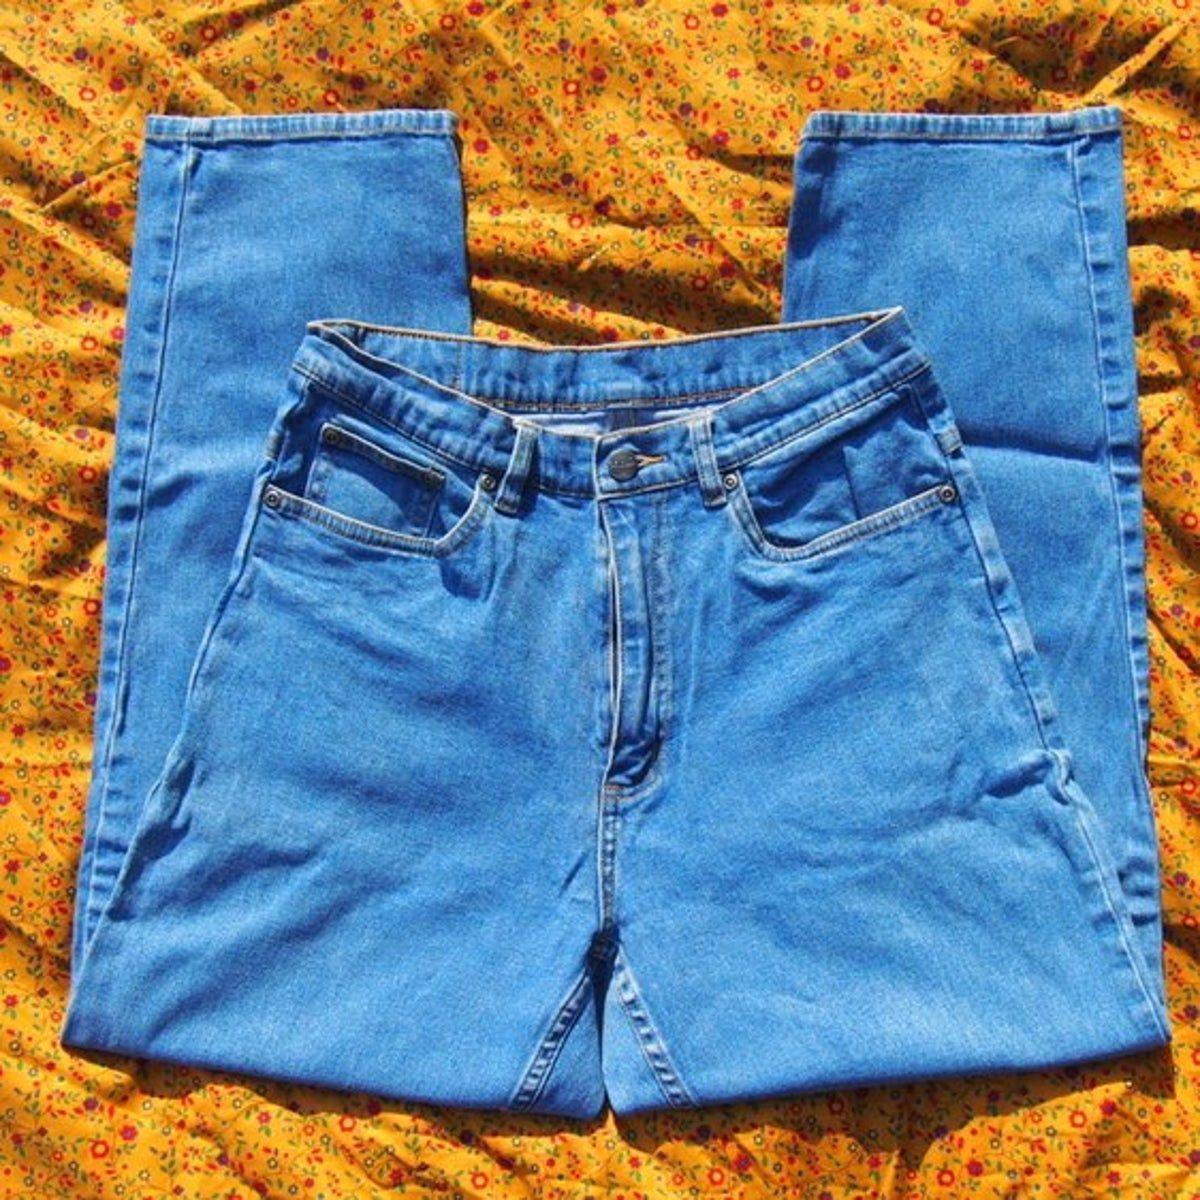 L.L.Bean High Waisted Light Blue Jeans G #lightblueshorts L.L.Bean High Waisted Light Blue Jeans G #lightblueshorts L.L.Bean High Waisted Light Blue Jeans G #lightblueshorts L.L.Bean High Waisted Light Blue Jeans G #lightblueshorts